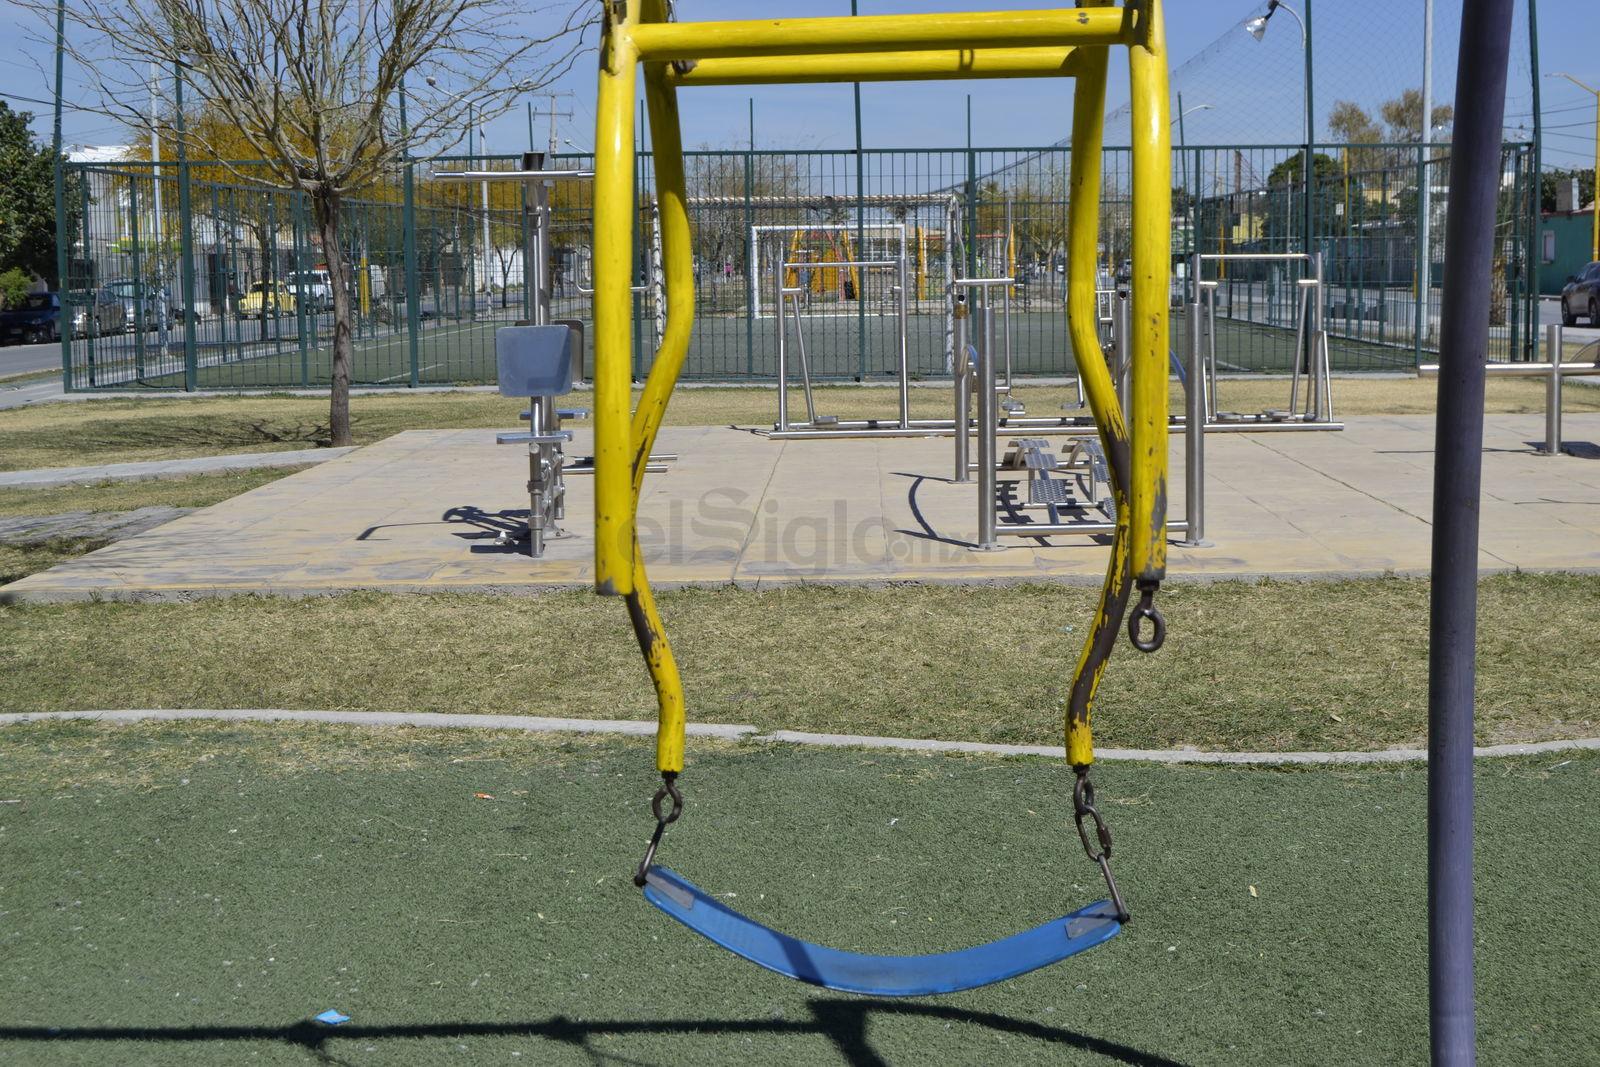 Juegos y aparatos dañados. Los juegos infantiles y los aparatos para hacer ejercicio han sido dañados en varias ocasiones, por lo que las autoridades se han visto en la necesidad de reponerlos, aunque no en todos los casos. Vecinos dicen que le hace falta mayor vigilancia al lugar.